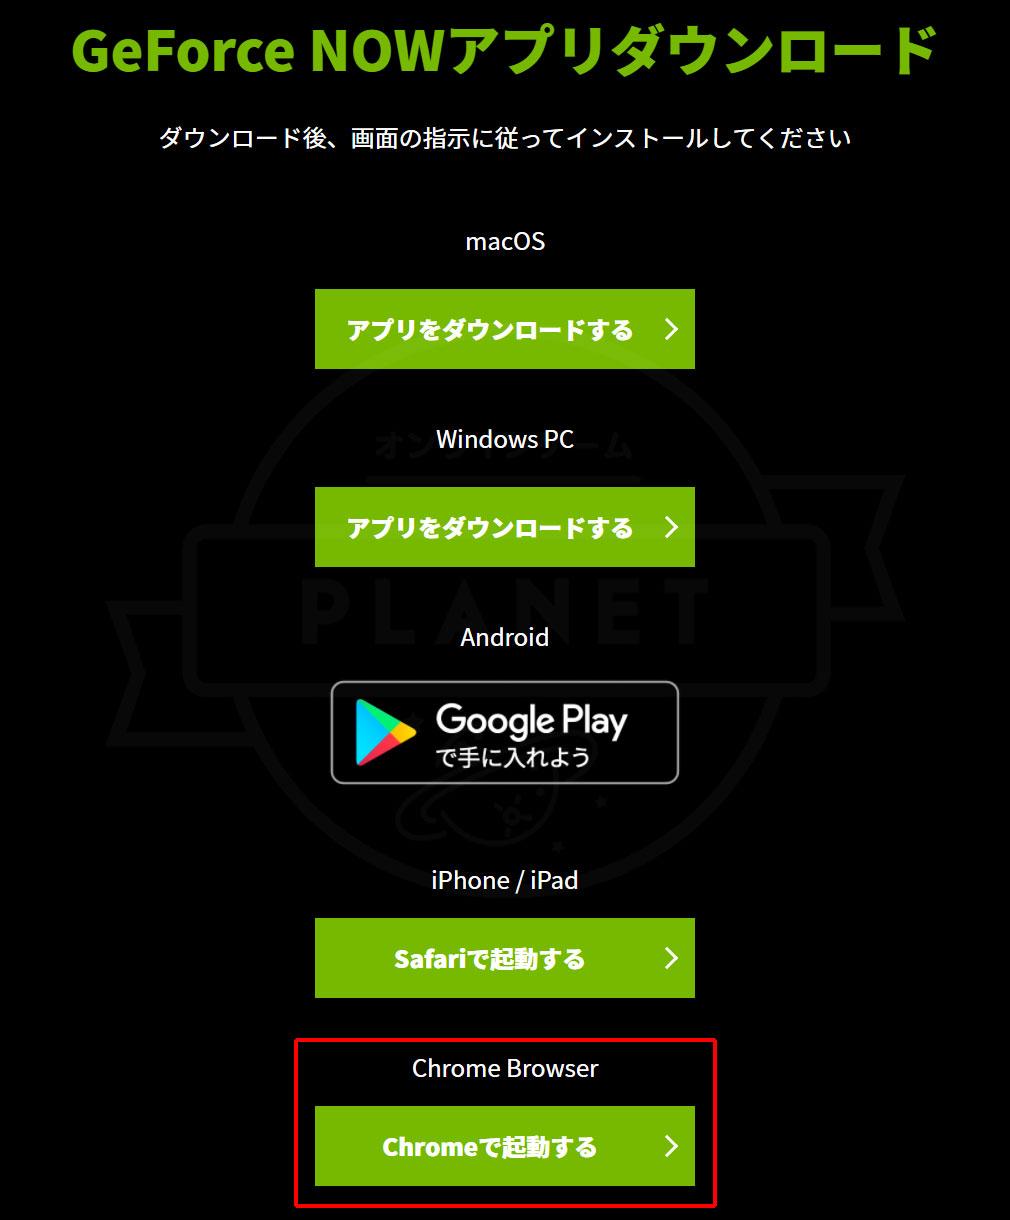 GeForce NOW Powered by SoftBank PCブラウザ版『ダウンロードした画面』スクリーンショット